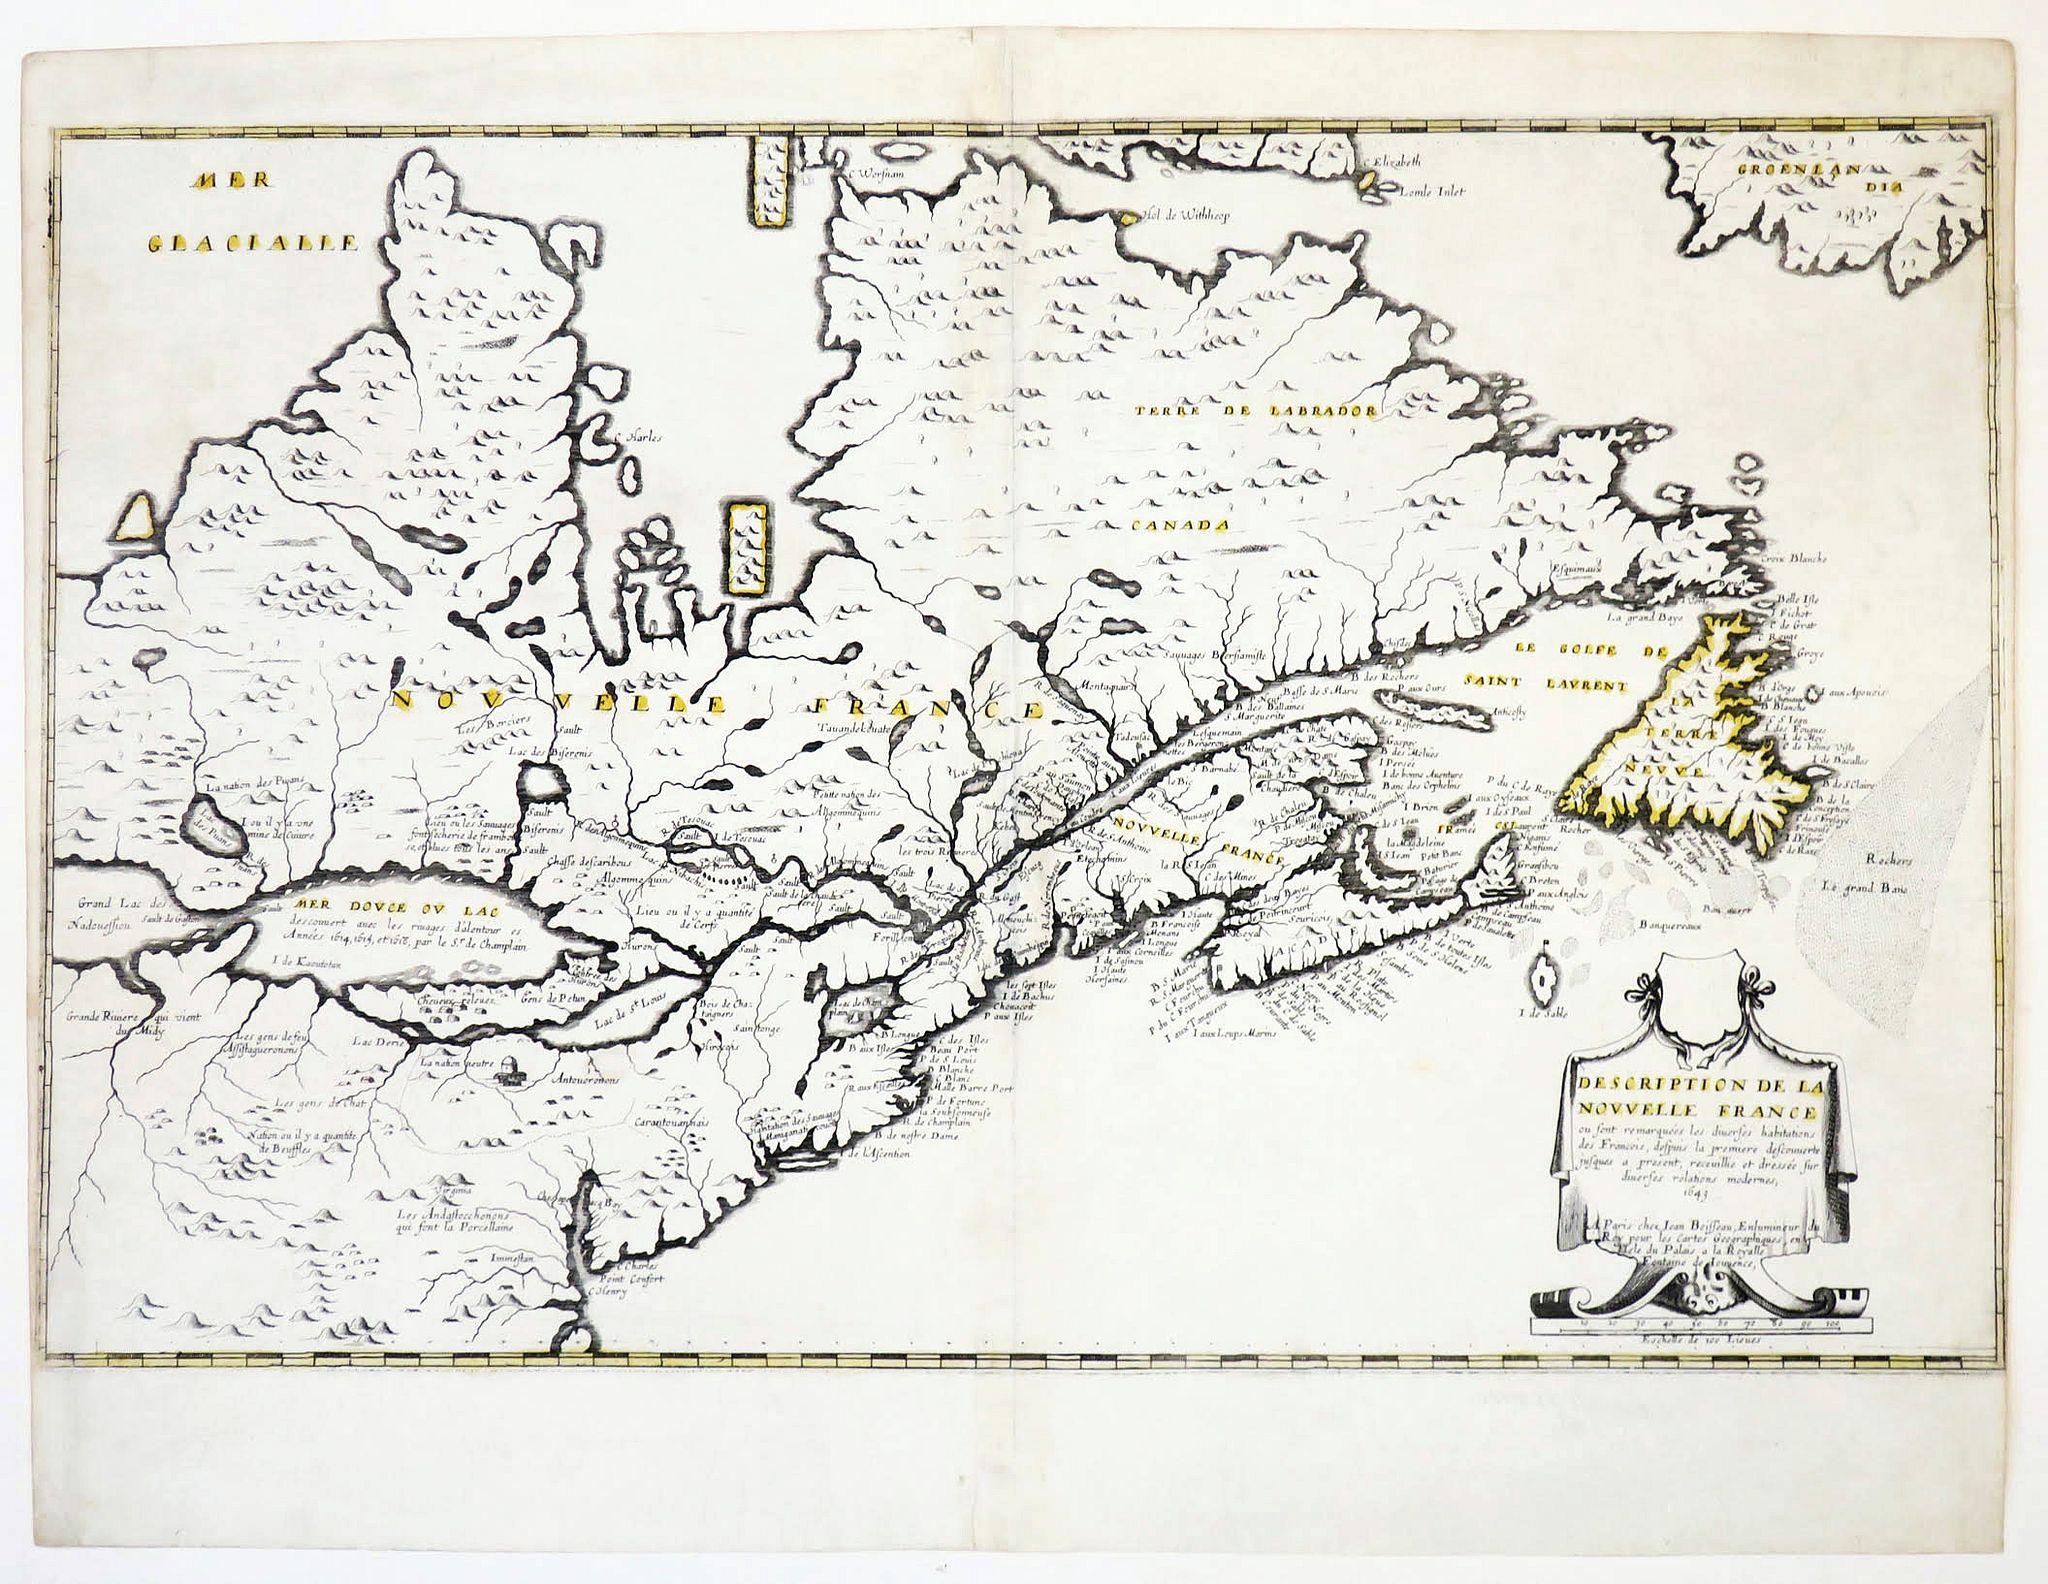 BOISSEAU, J. -  Description de la Nouvelle France. . .